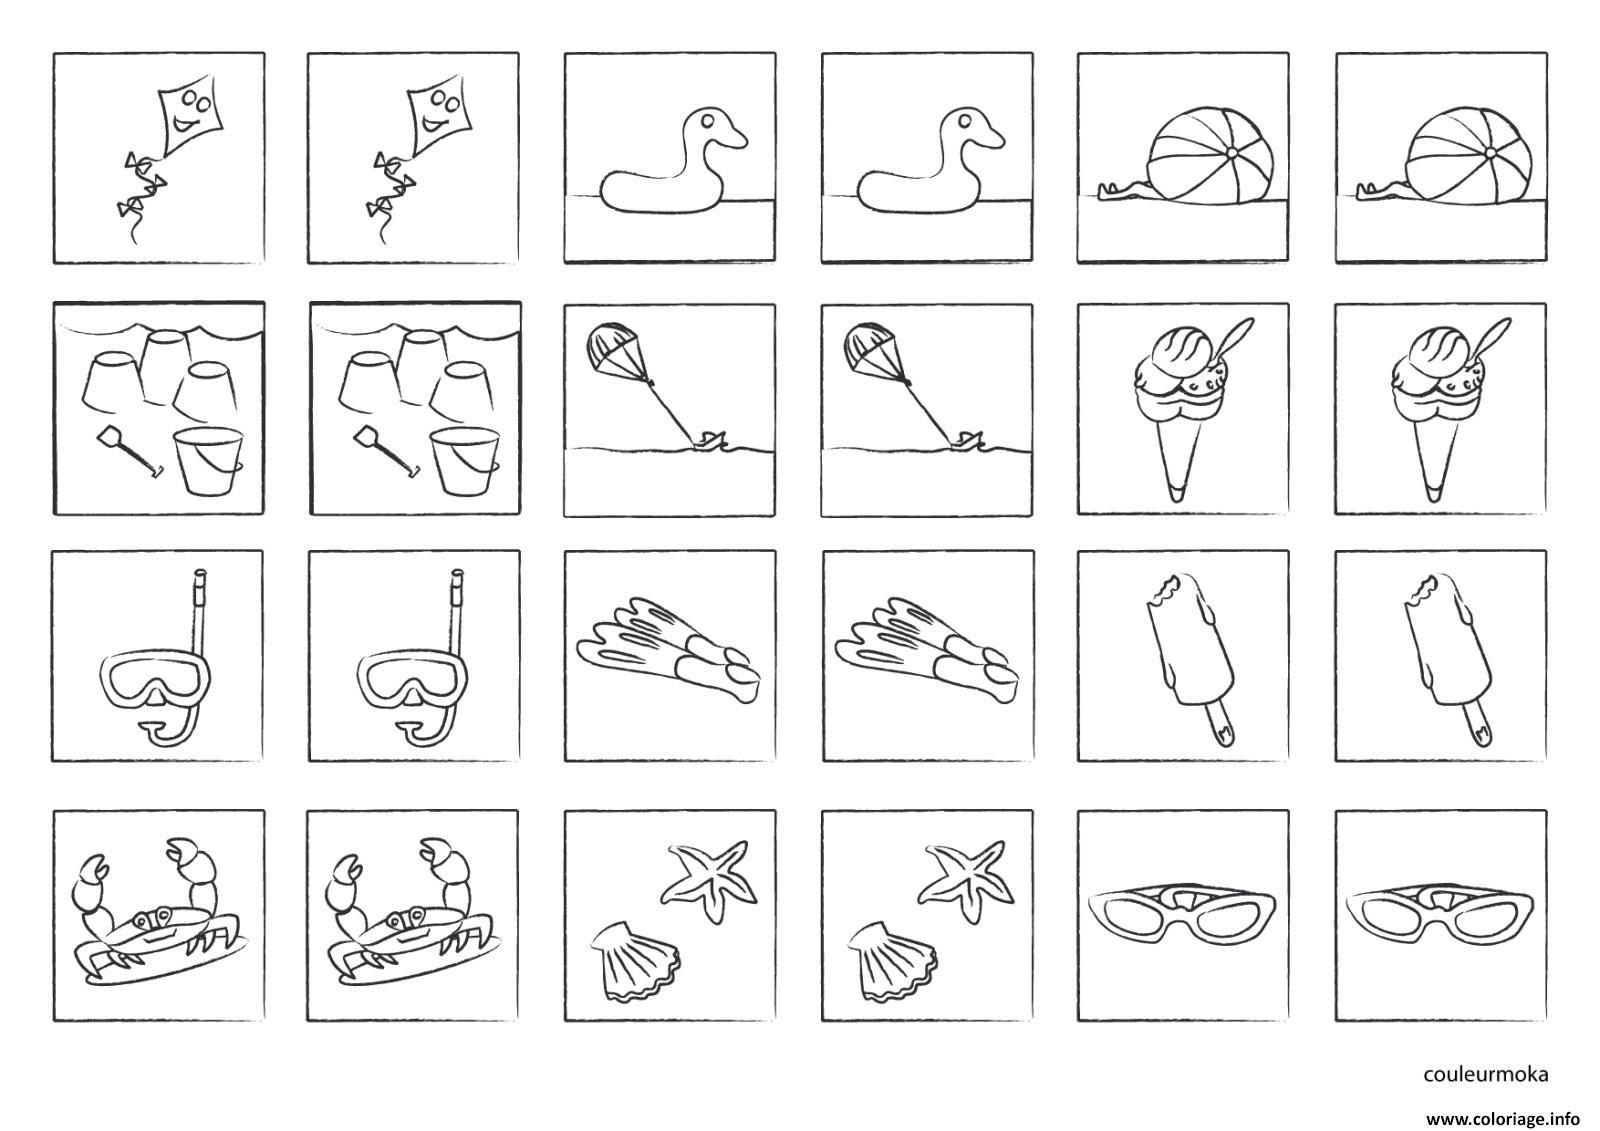 Coloriage jeu de memoire a imprimer colorier et jouer dessin - Jeux dessin gratuit ...